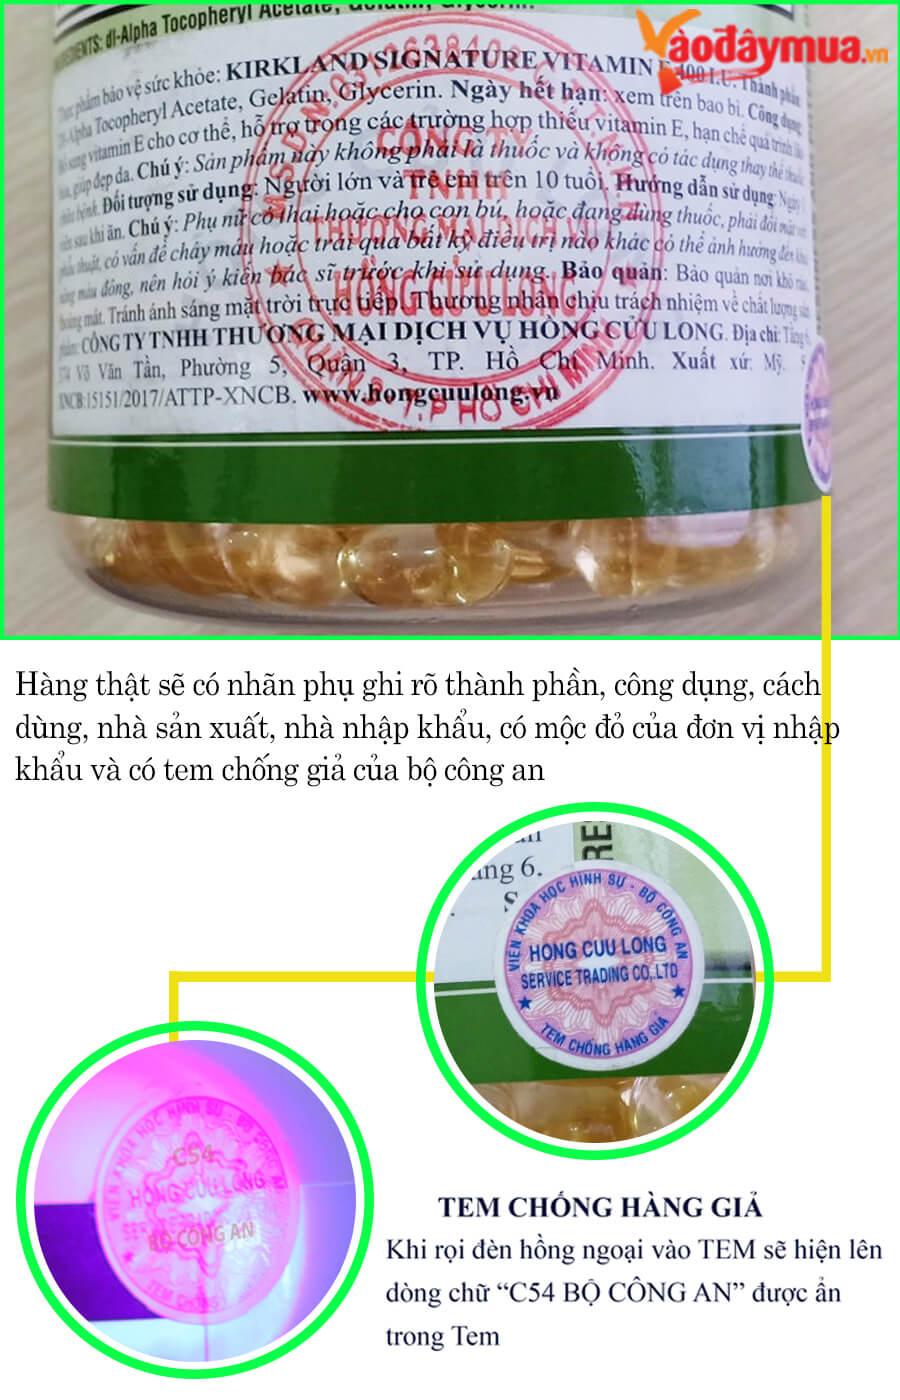 Cách phân biệt Vitamin E 400IU nhập từ Mỹ và hàng nhái